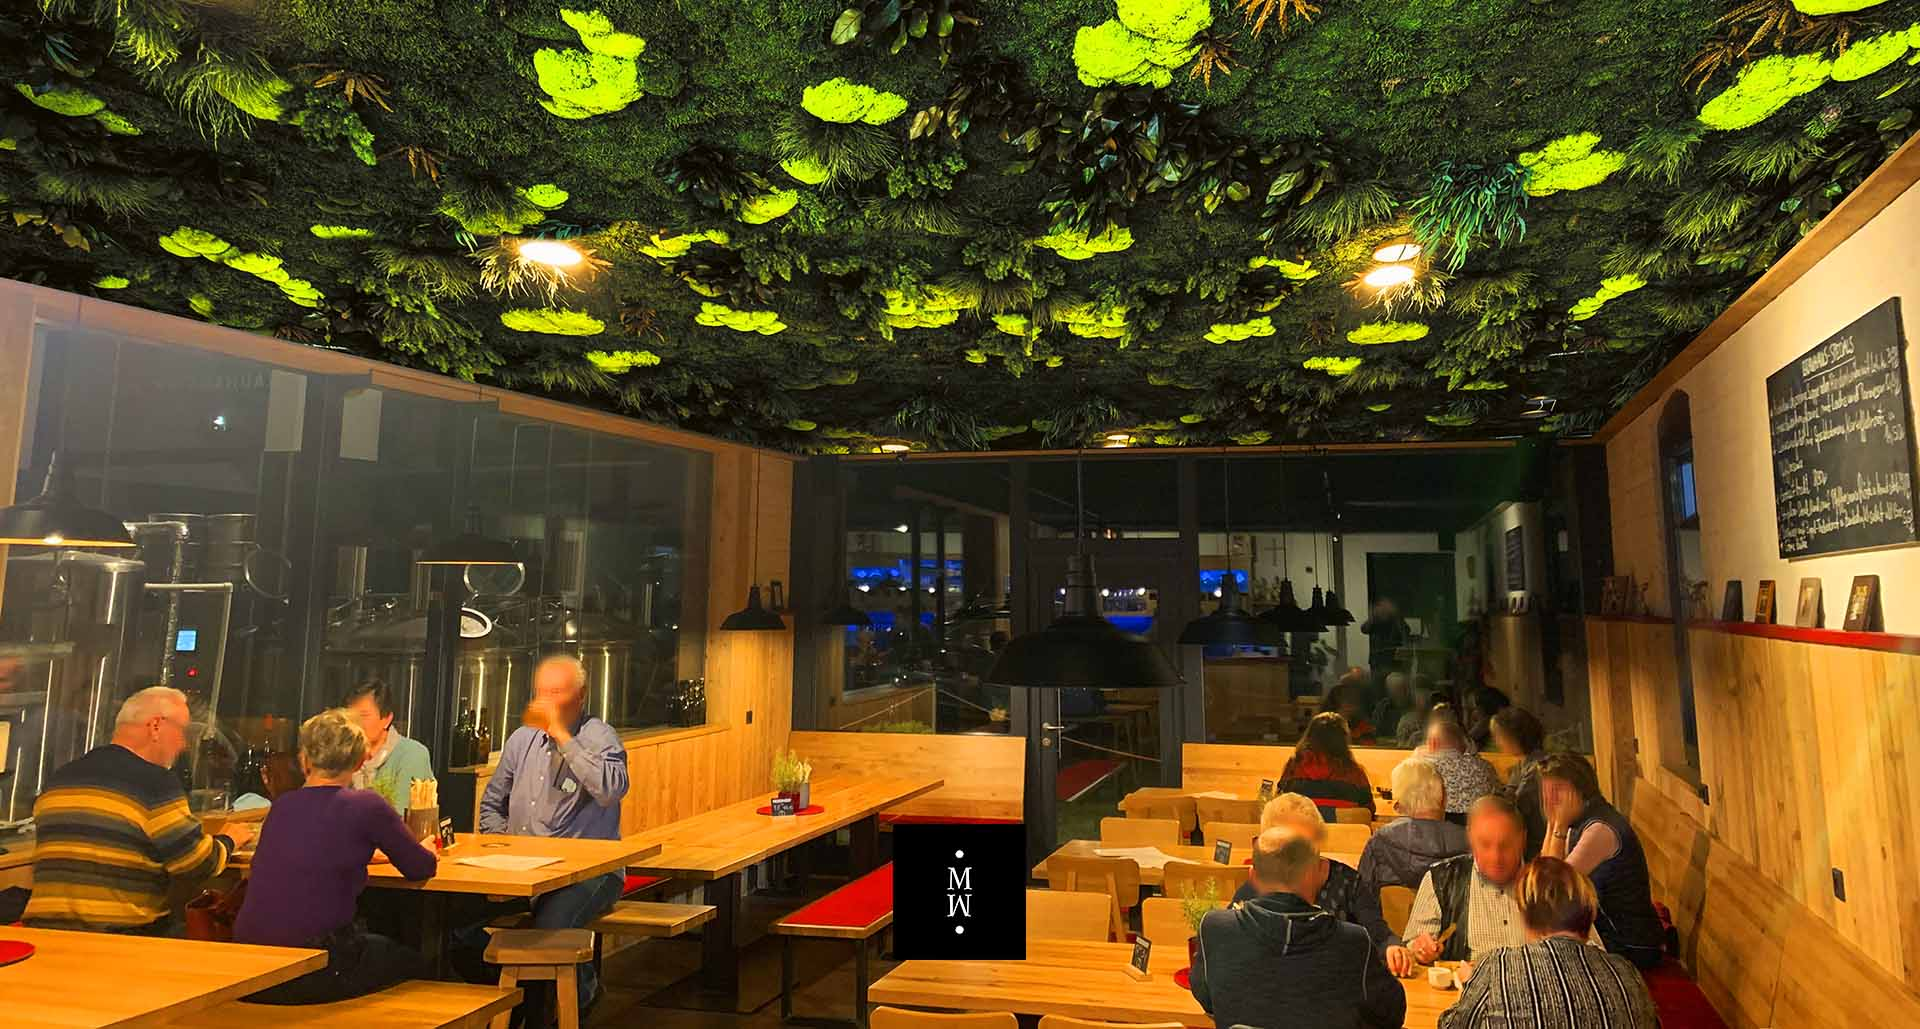 Dschungelmooswand Decke Restaurant in Sohland